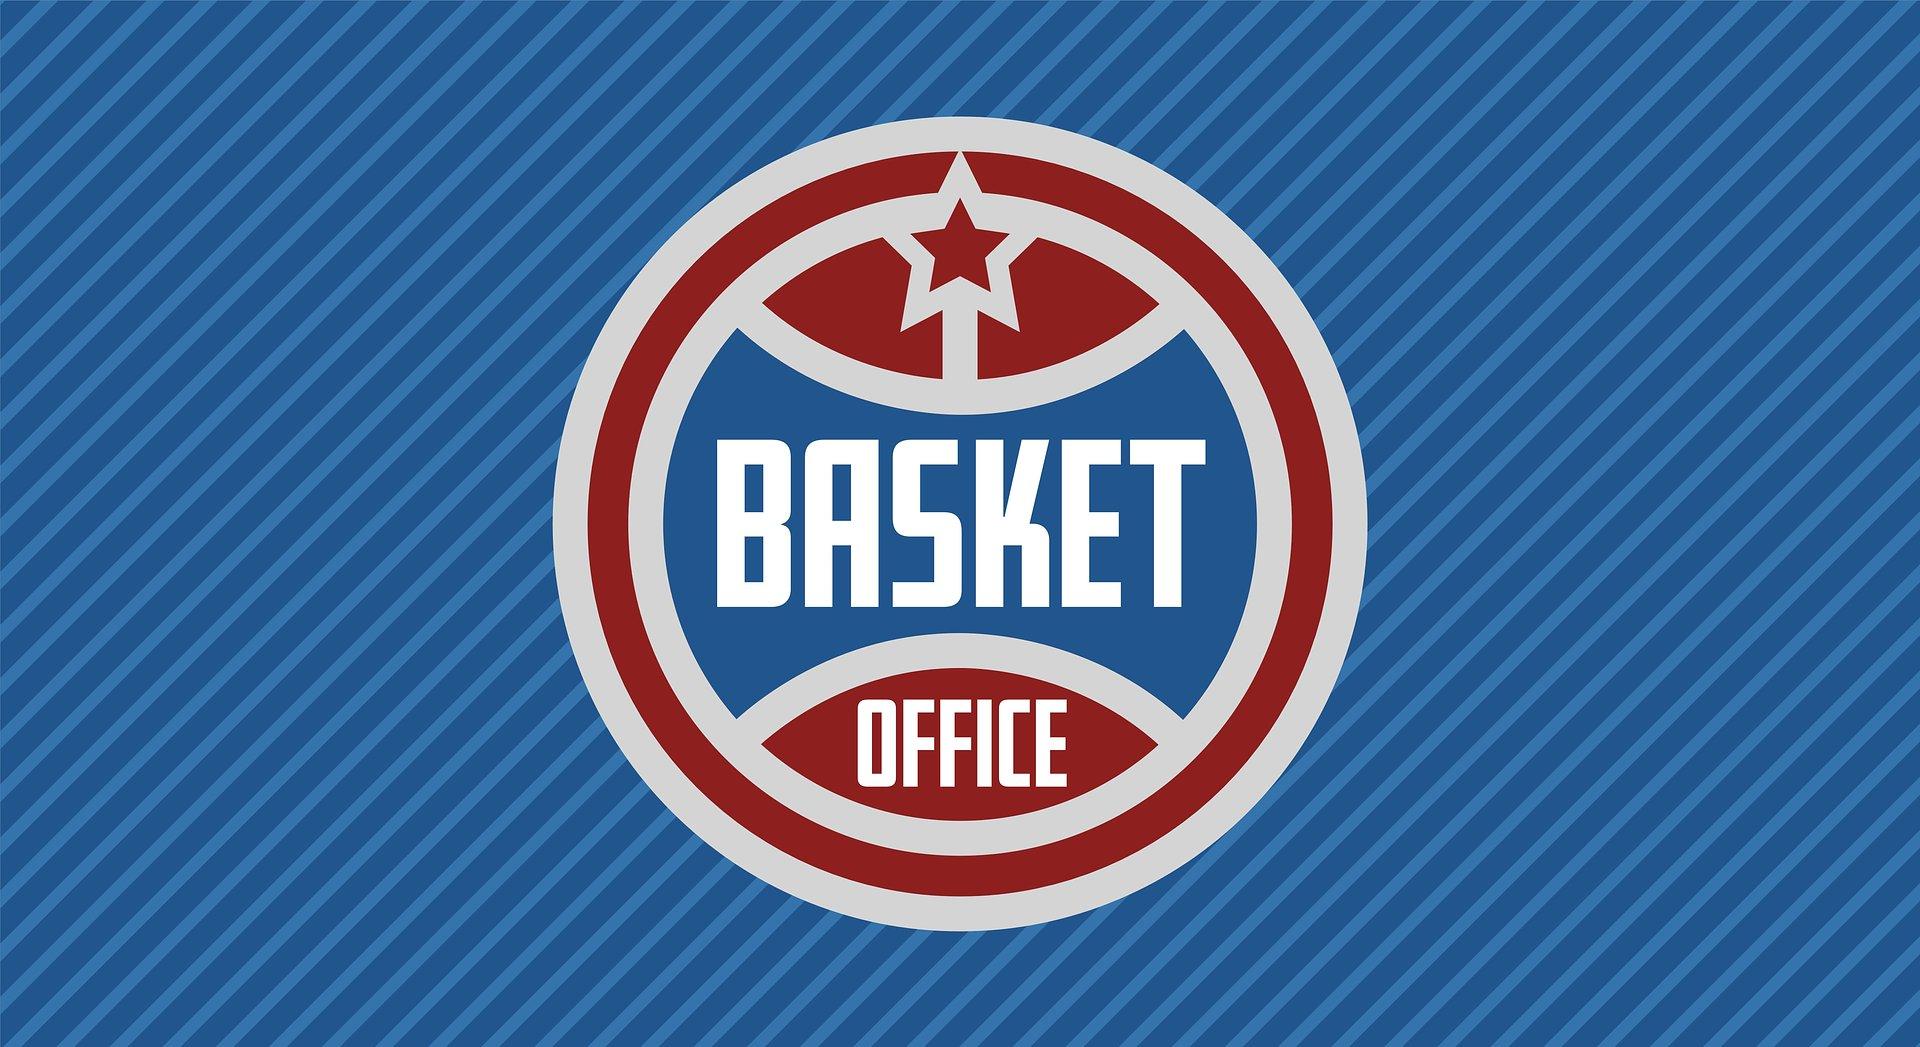 BASKET OFFICE – wyjątkowy program koszykarski startuje już 14 października